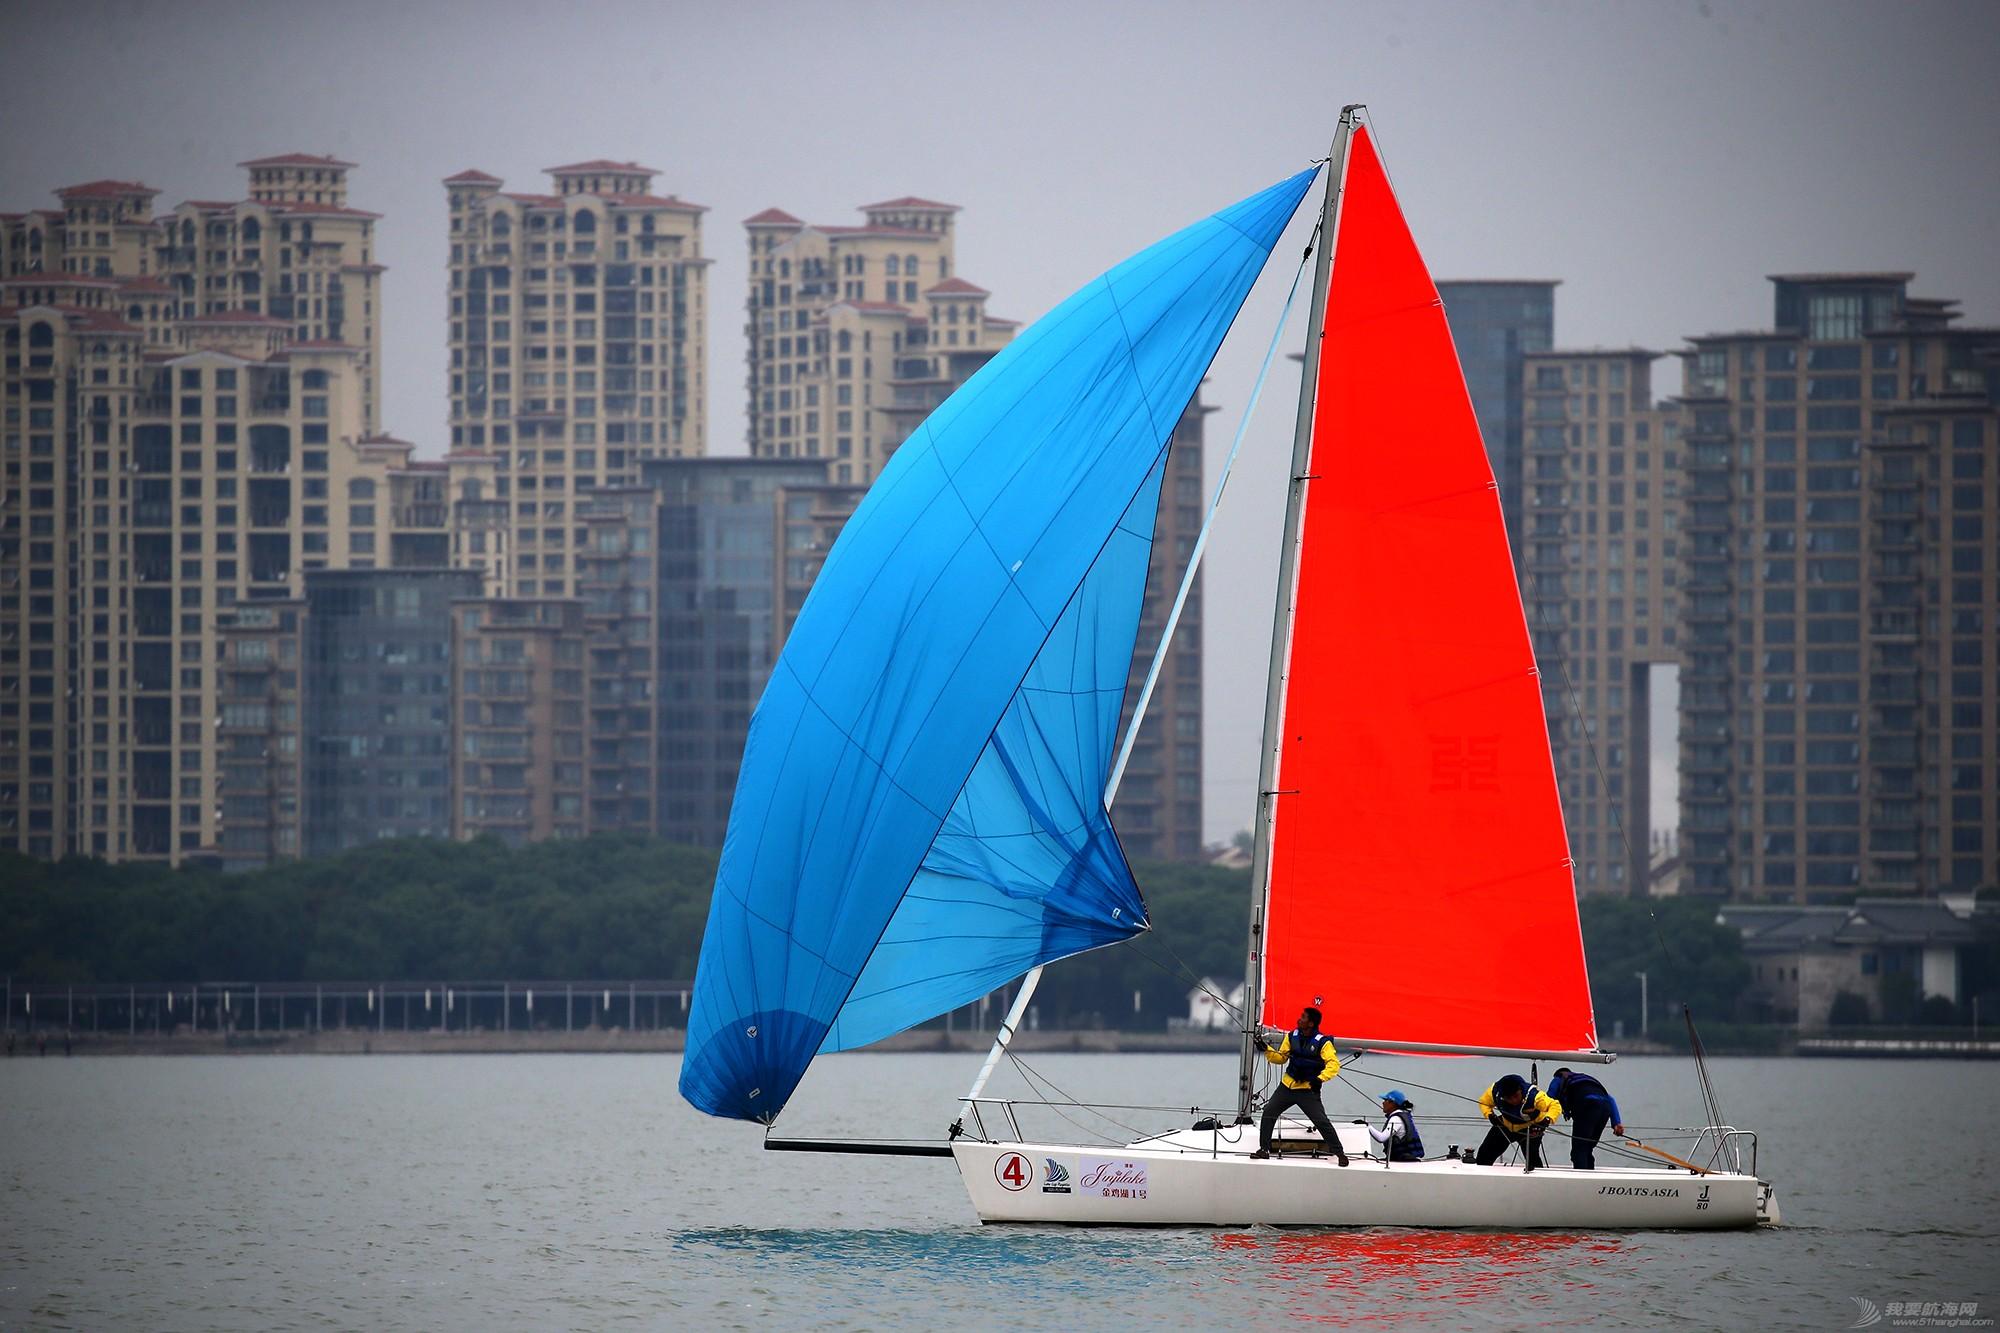 帆船,空间 帆船是灰度空间里跳动的彩色音符 E78W8463.JPG